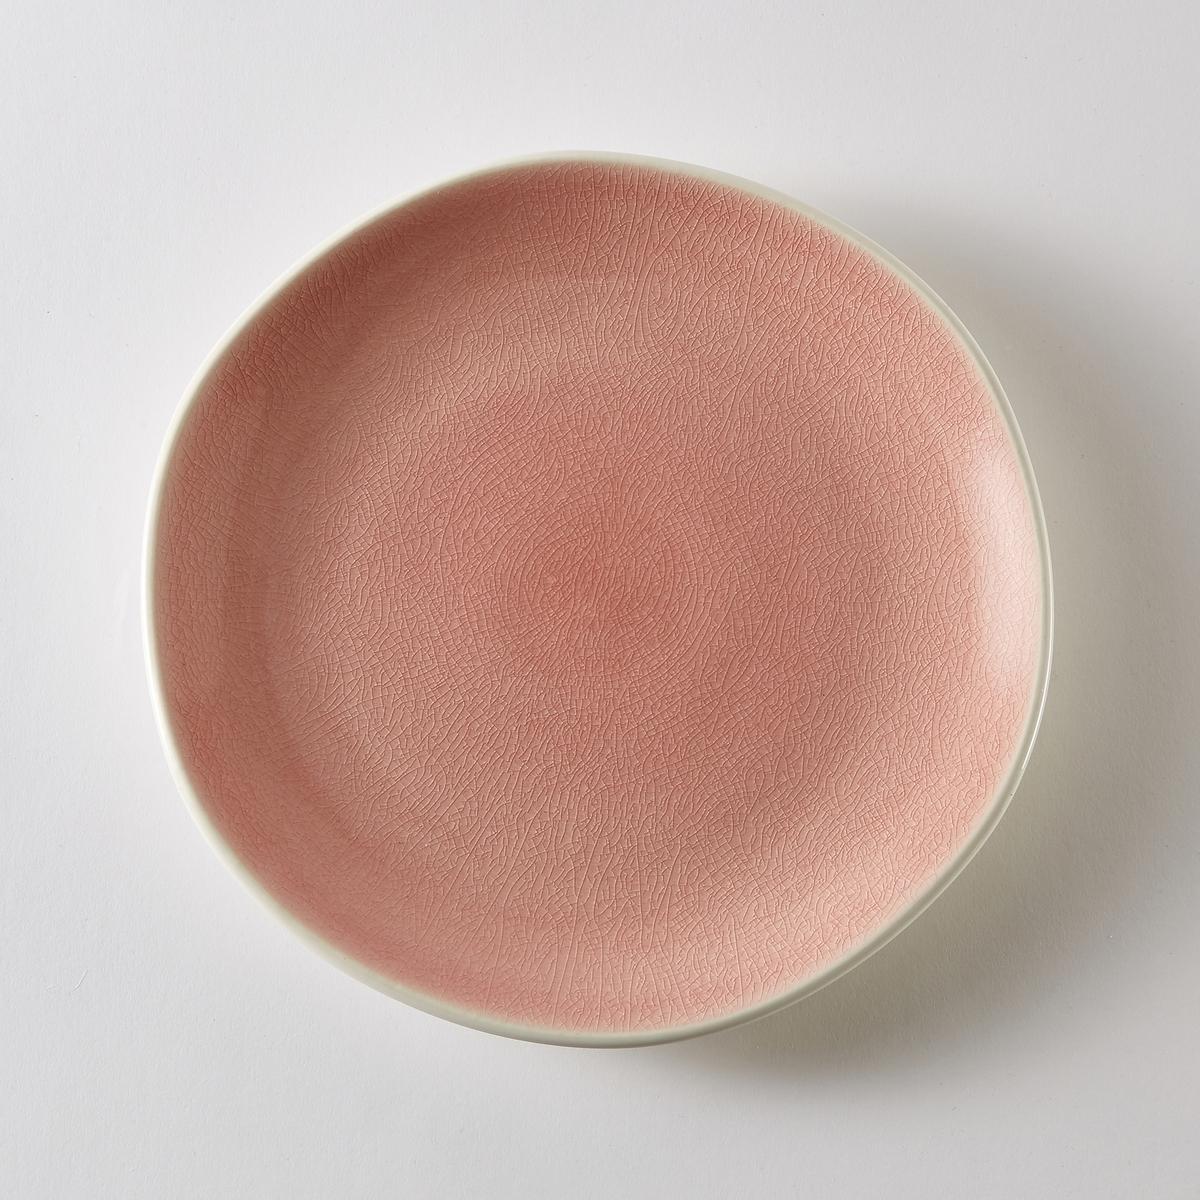 4 тарелки десертные из фаянса, Gogain,Характеристики 4 тарелок десертных из фаянса Gogain  :- Фаянс с матовой отделкой снаружи, внутри покрытие с кракелюрами контрастного цвета .- Диаметр 22 см  .- Можно использовать в посудомоечных машинах и микроволновых печах.Найдите компоект посуды Gogain на нашем сайте .<br><br>Цвет: зеленый,серо-синий,темно-розовый<br>Размер: единый размер